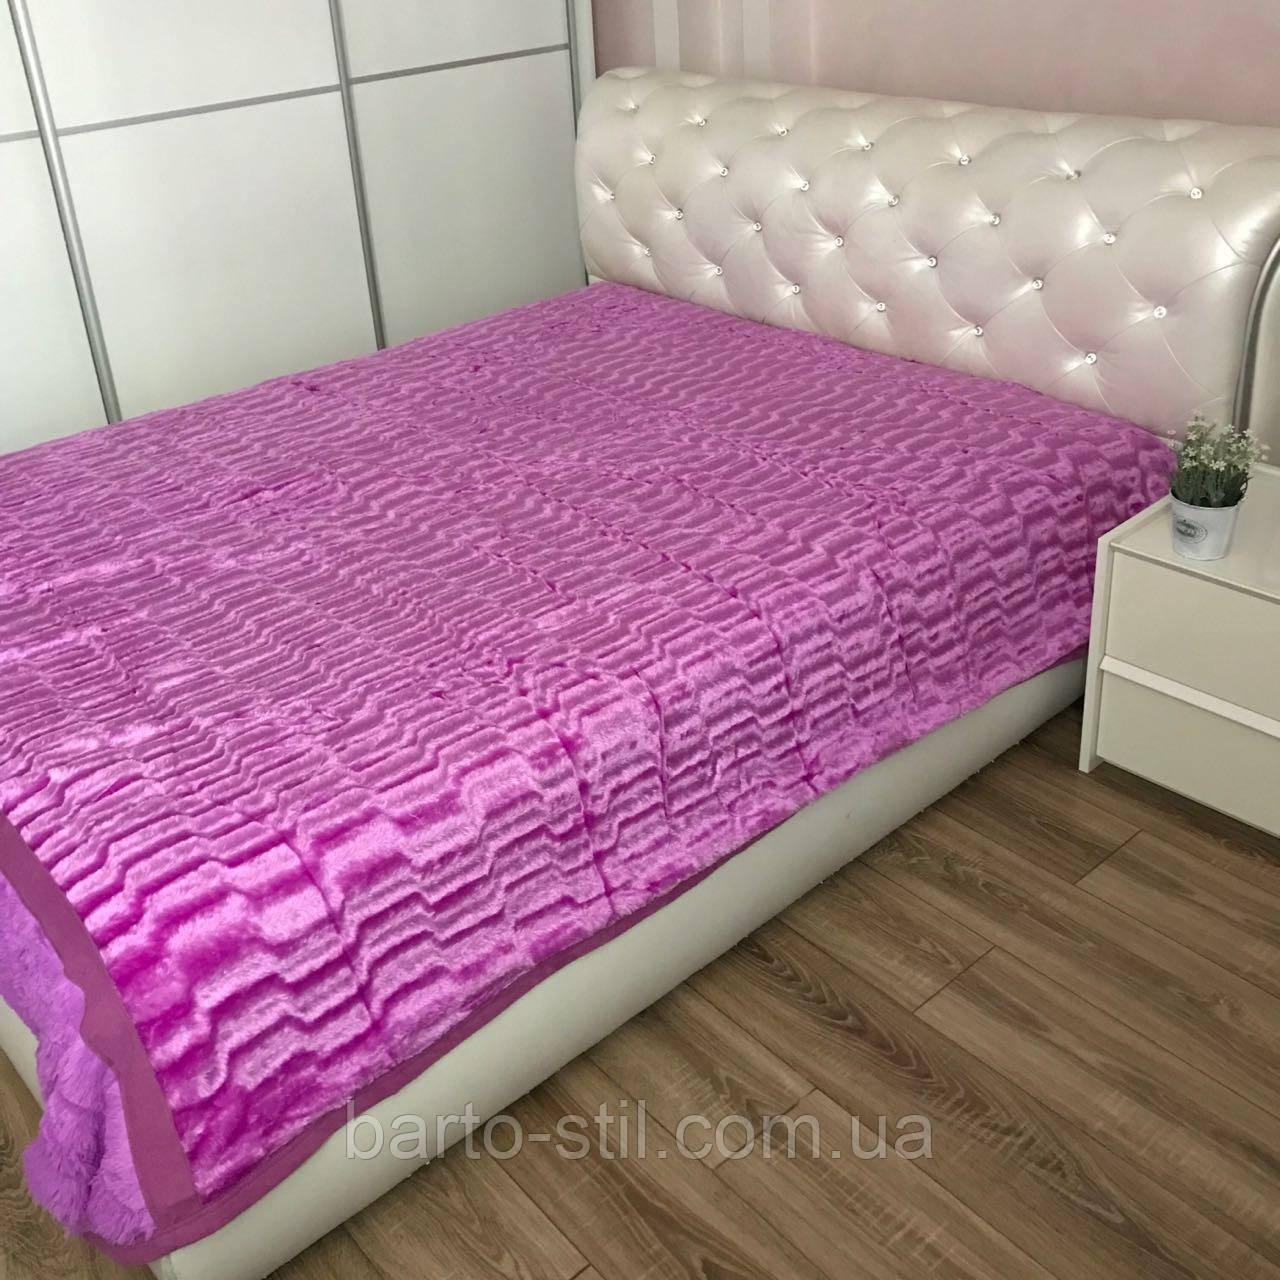 """Покрывало на кровать размер 200Х230 """"Норка"""" В наличии много цветов"""